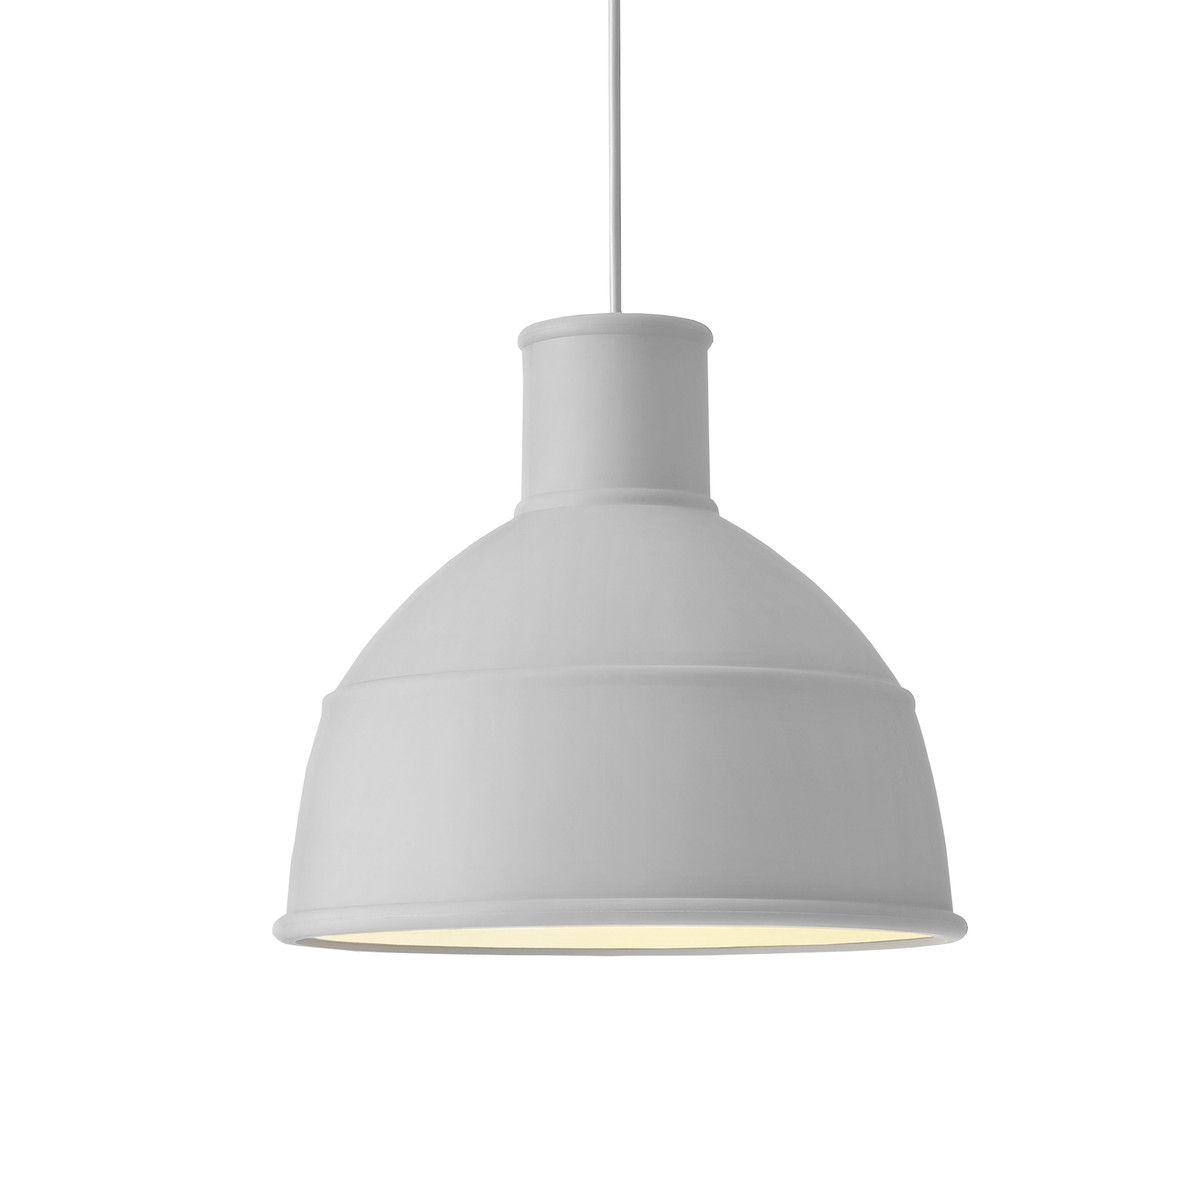 Muuto Unfold Pendant Lamp, grey   Pendelleuchte, Anhänger